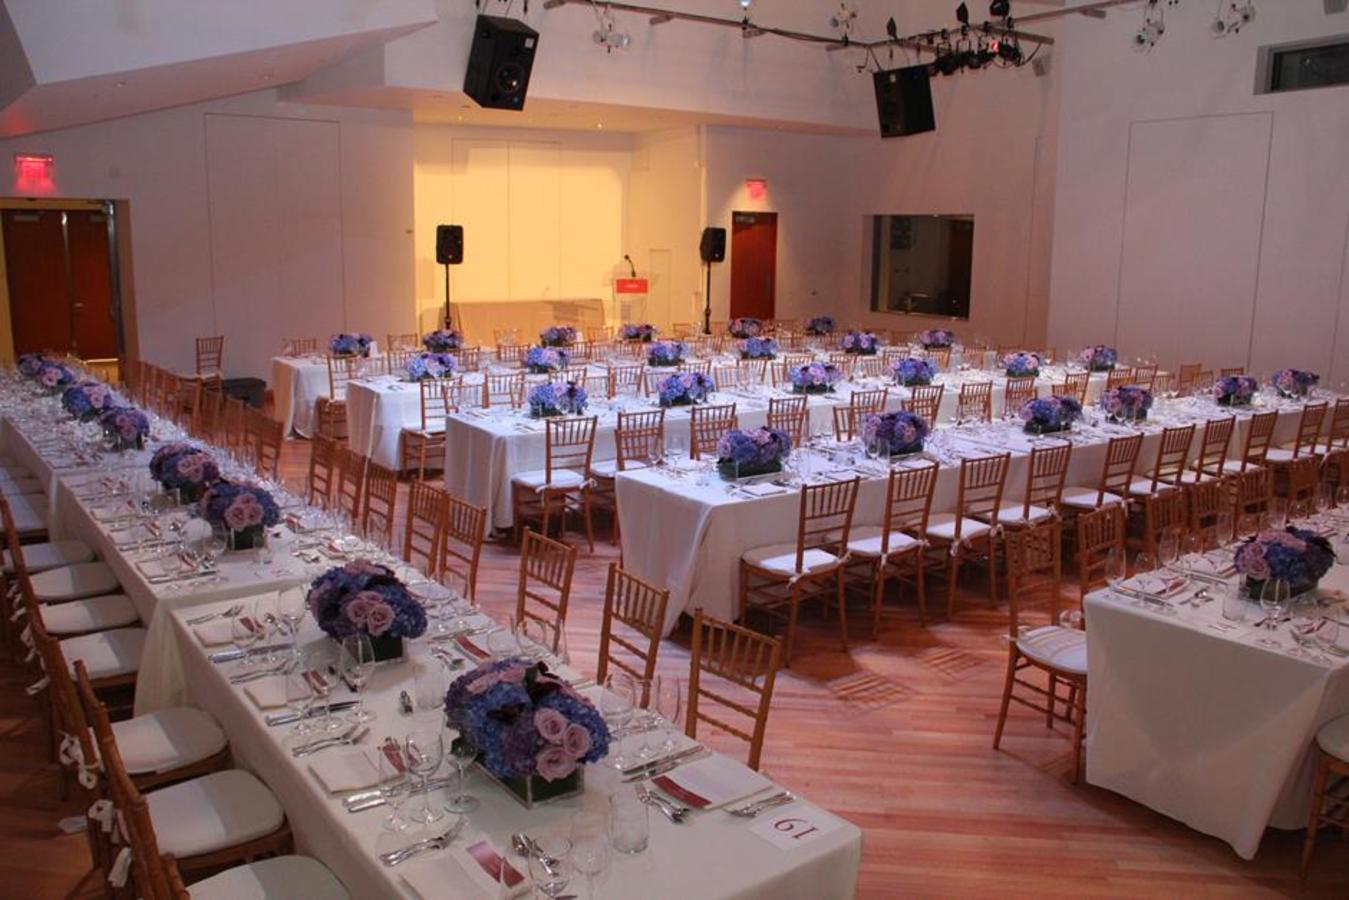 Überzogenes SunTrust-Pavillon-Abendessen